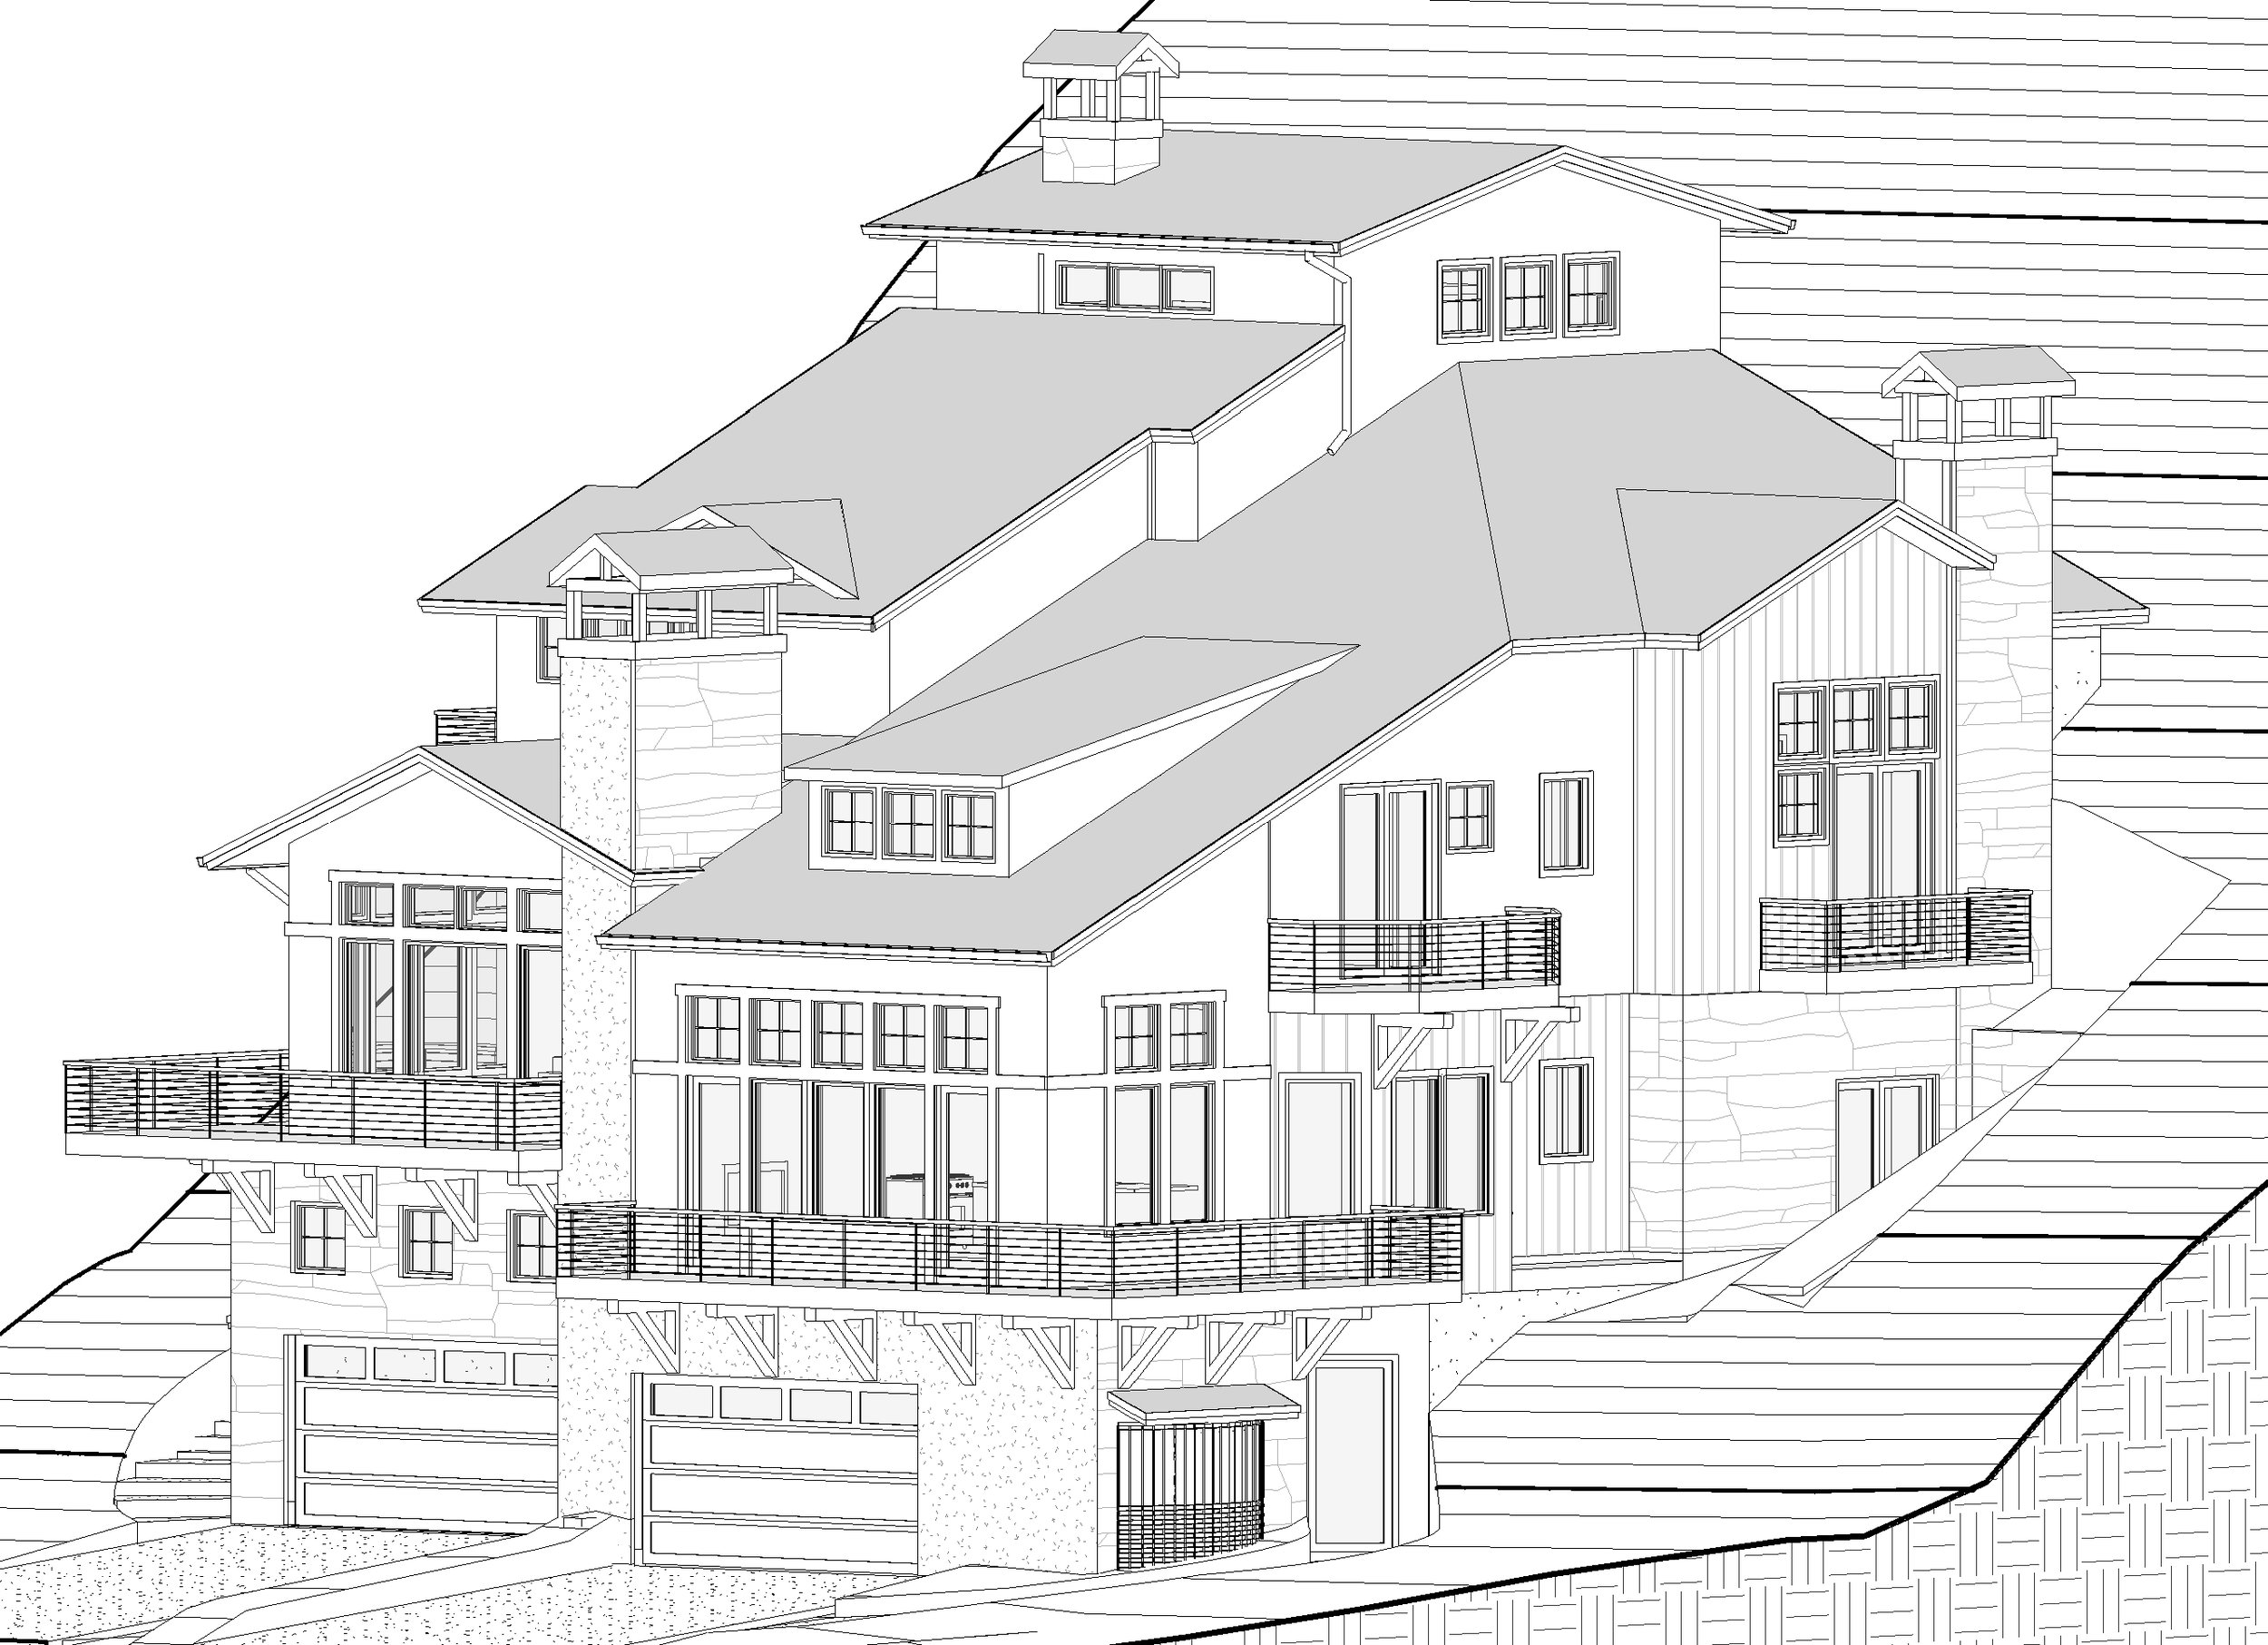 Vail Duplex8 - 3D View - Axon For Sheet 2.jpg